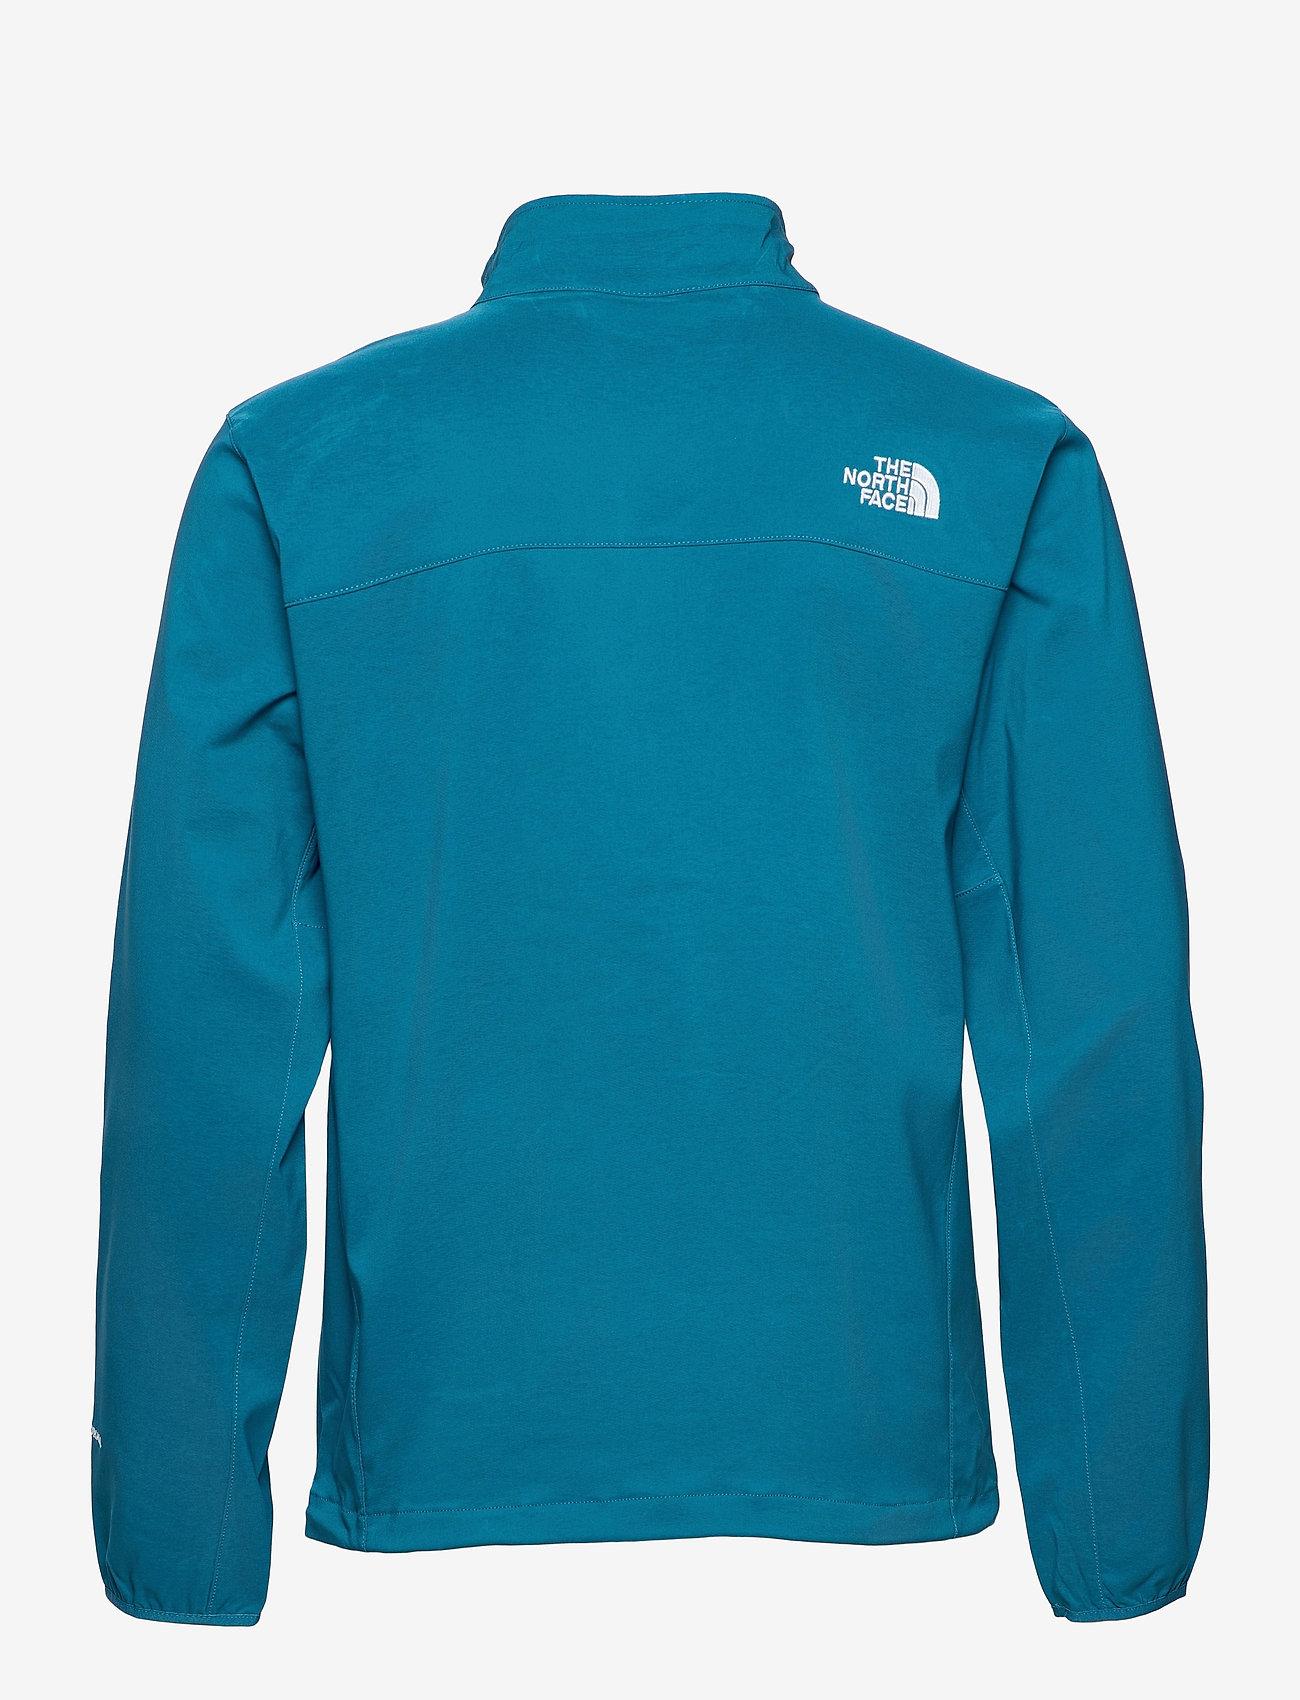 The North Face - M NIMBLE JACKET - vestes d'extérieur et de pluie - moroccan blue - 1